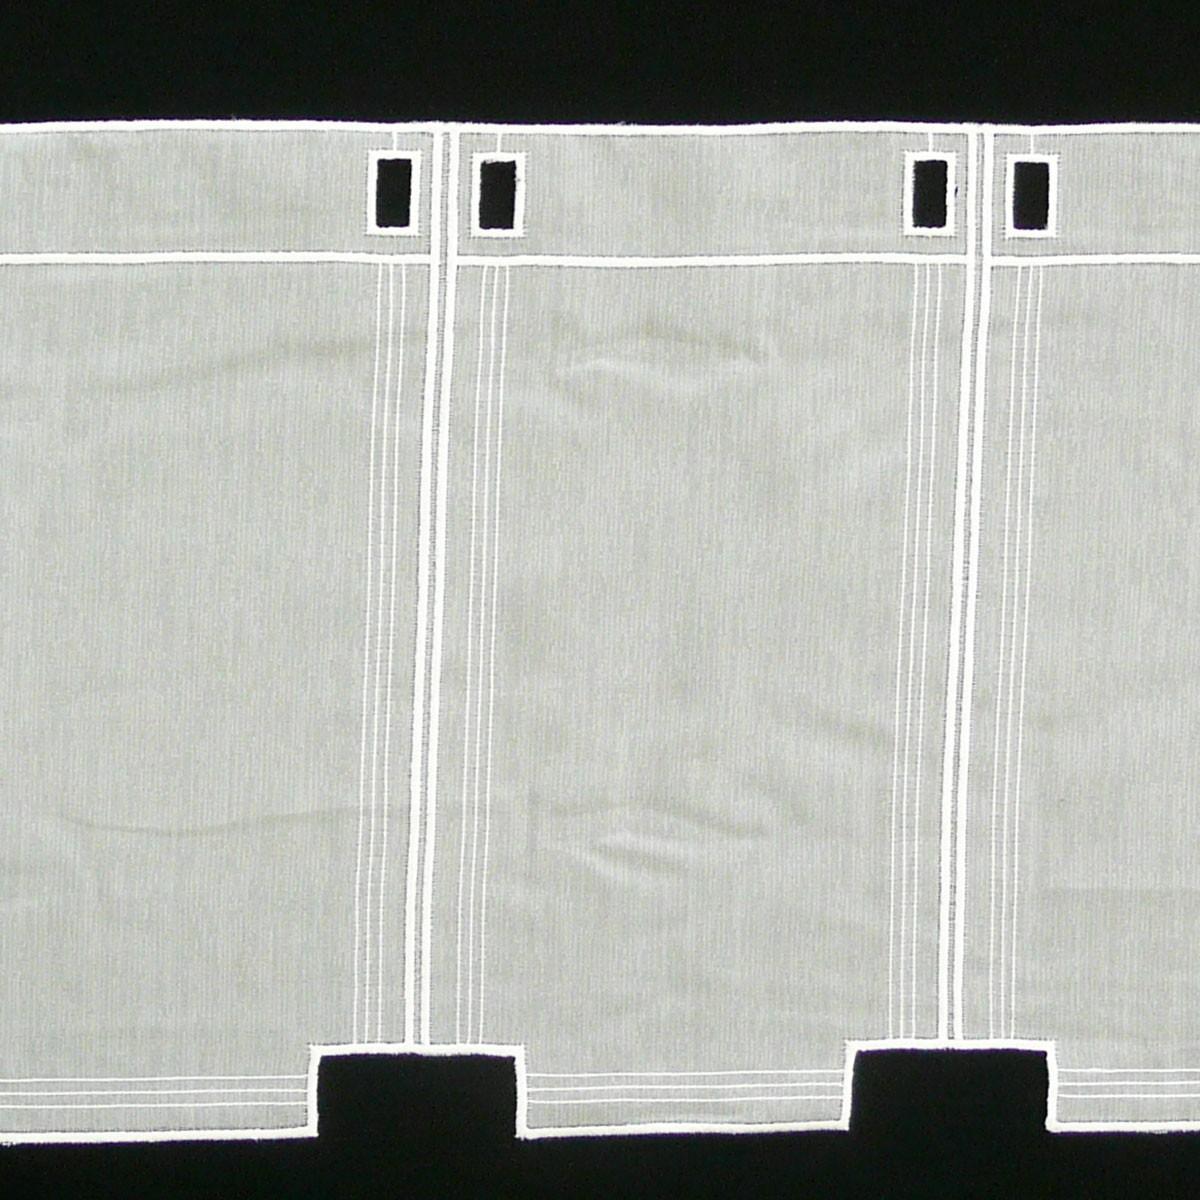 bistrogardine scheibengardine meterware voile stickerei creme 60cm h he ebay. Black Bedroom Furniture Sets. Home Design Ideas